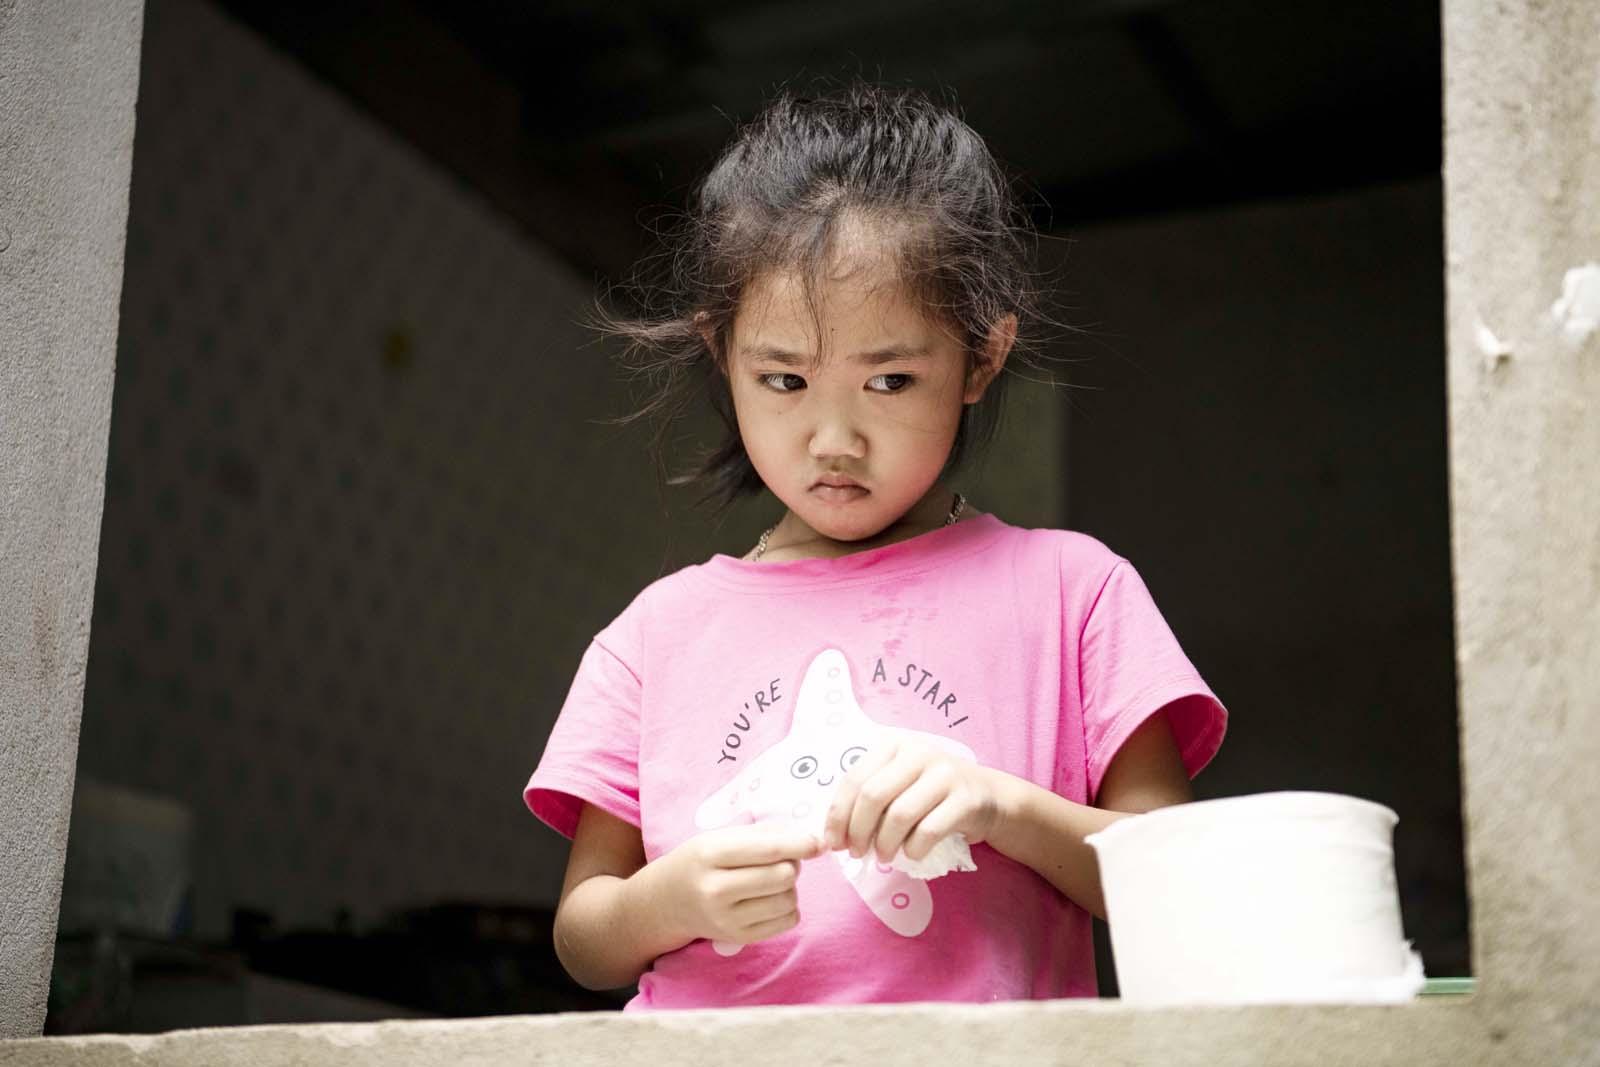 Thiên thần 7 tuổi 2 lần mồ côi mẹ, tự tay chăm sóc bố mắc bạo bệnh và giấc mơ nhói lòng - 10